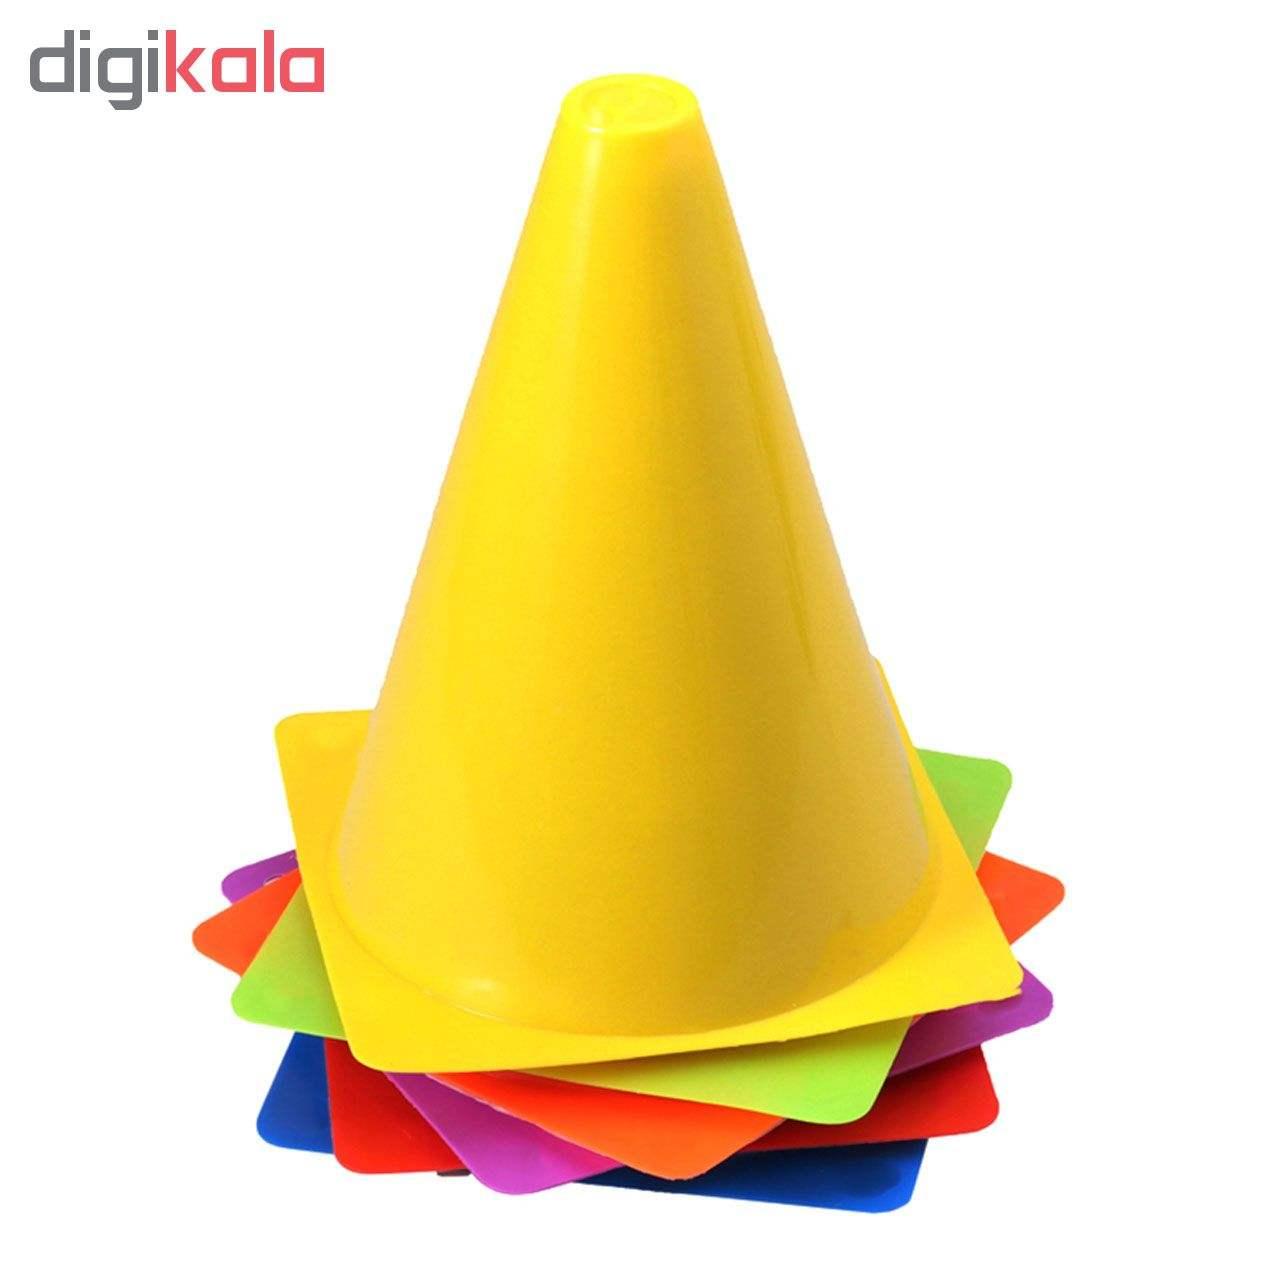 مانع تمرین مدل Training Cones 2020 در 5 رنگ مجموعه 15 عددی به همراه پاوربالانس main 1 1